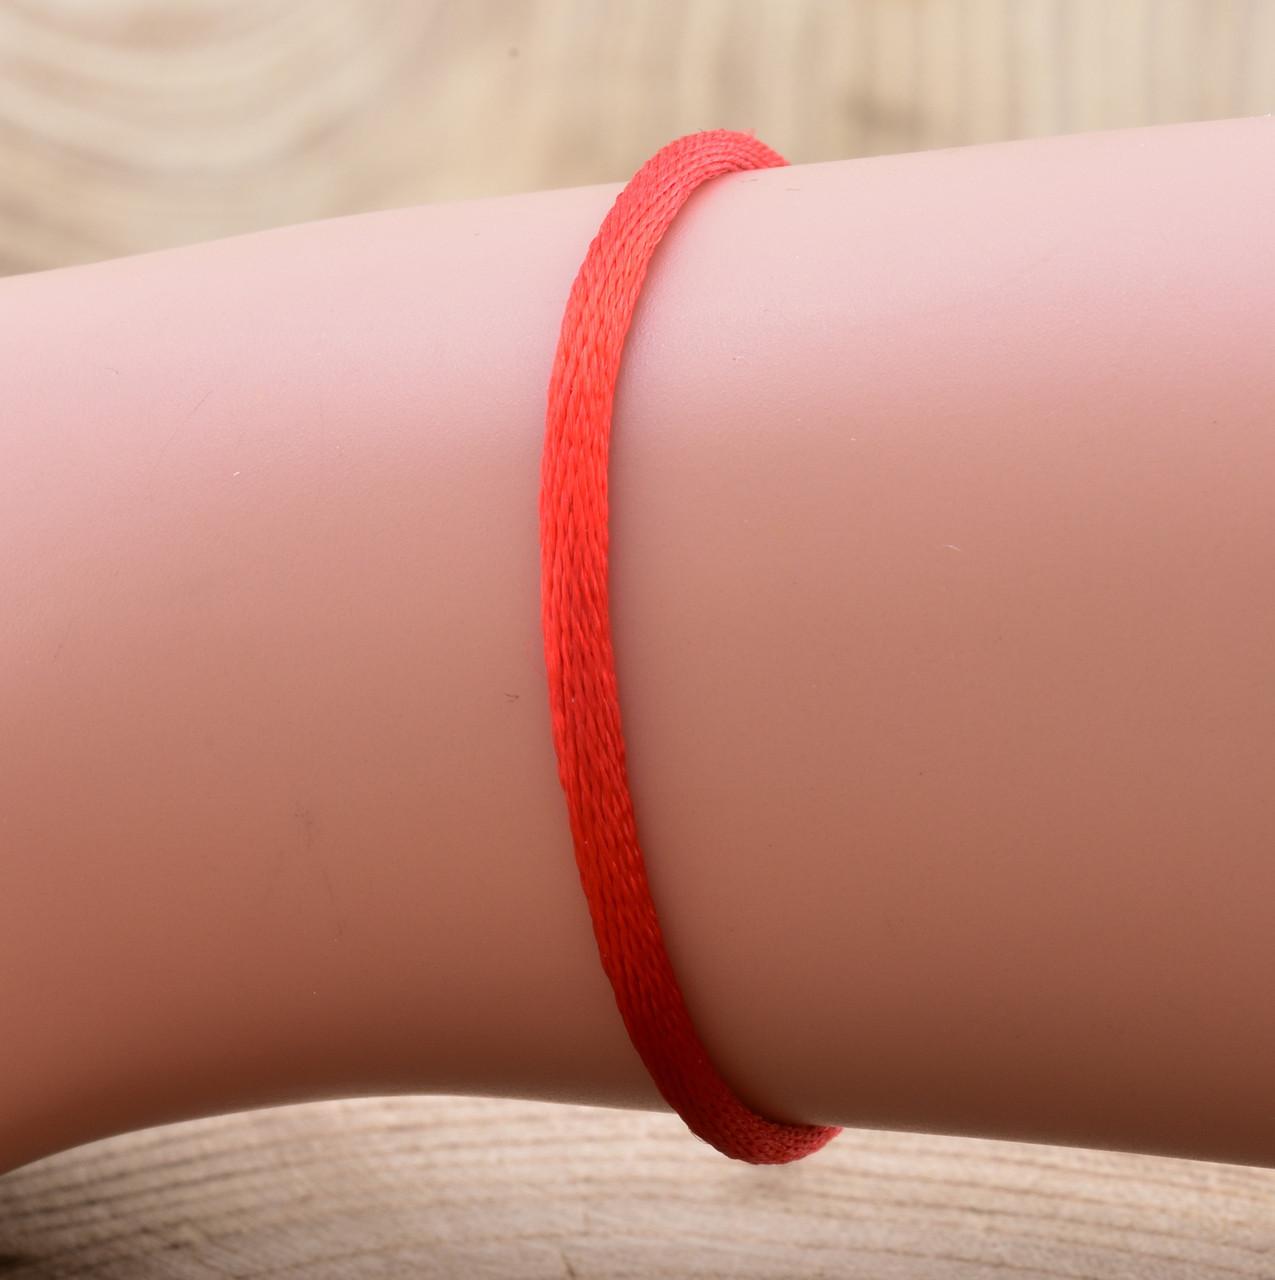 Серебряный оберег Красная нить длина 20 см ширина 2 мм вес 0.7 г